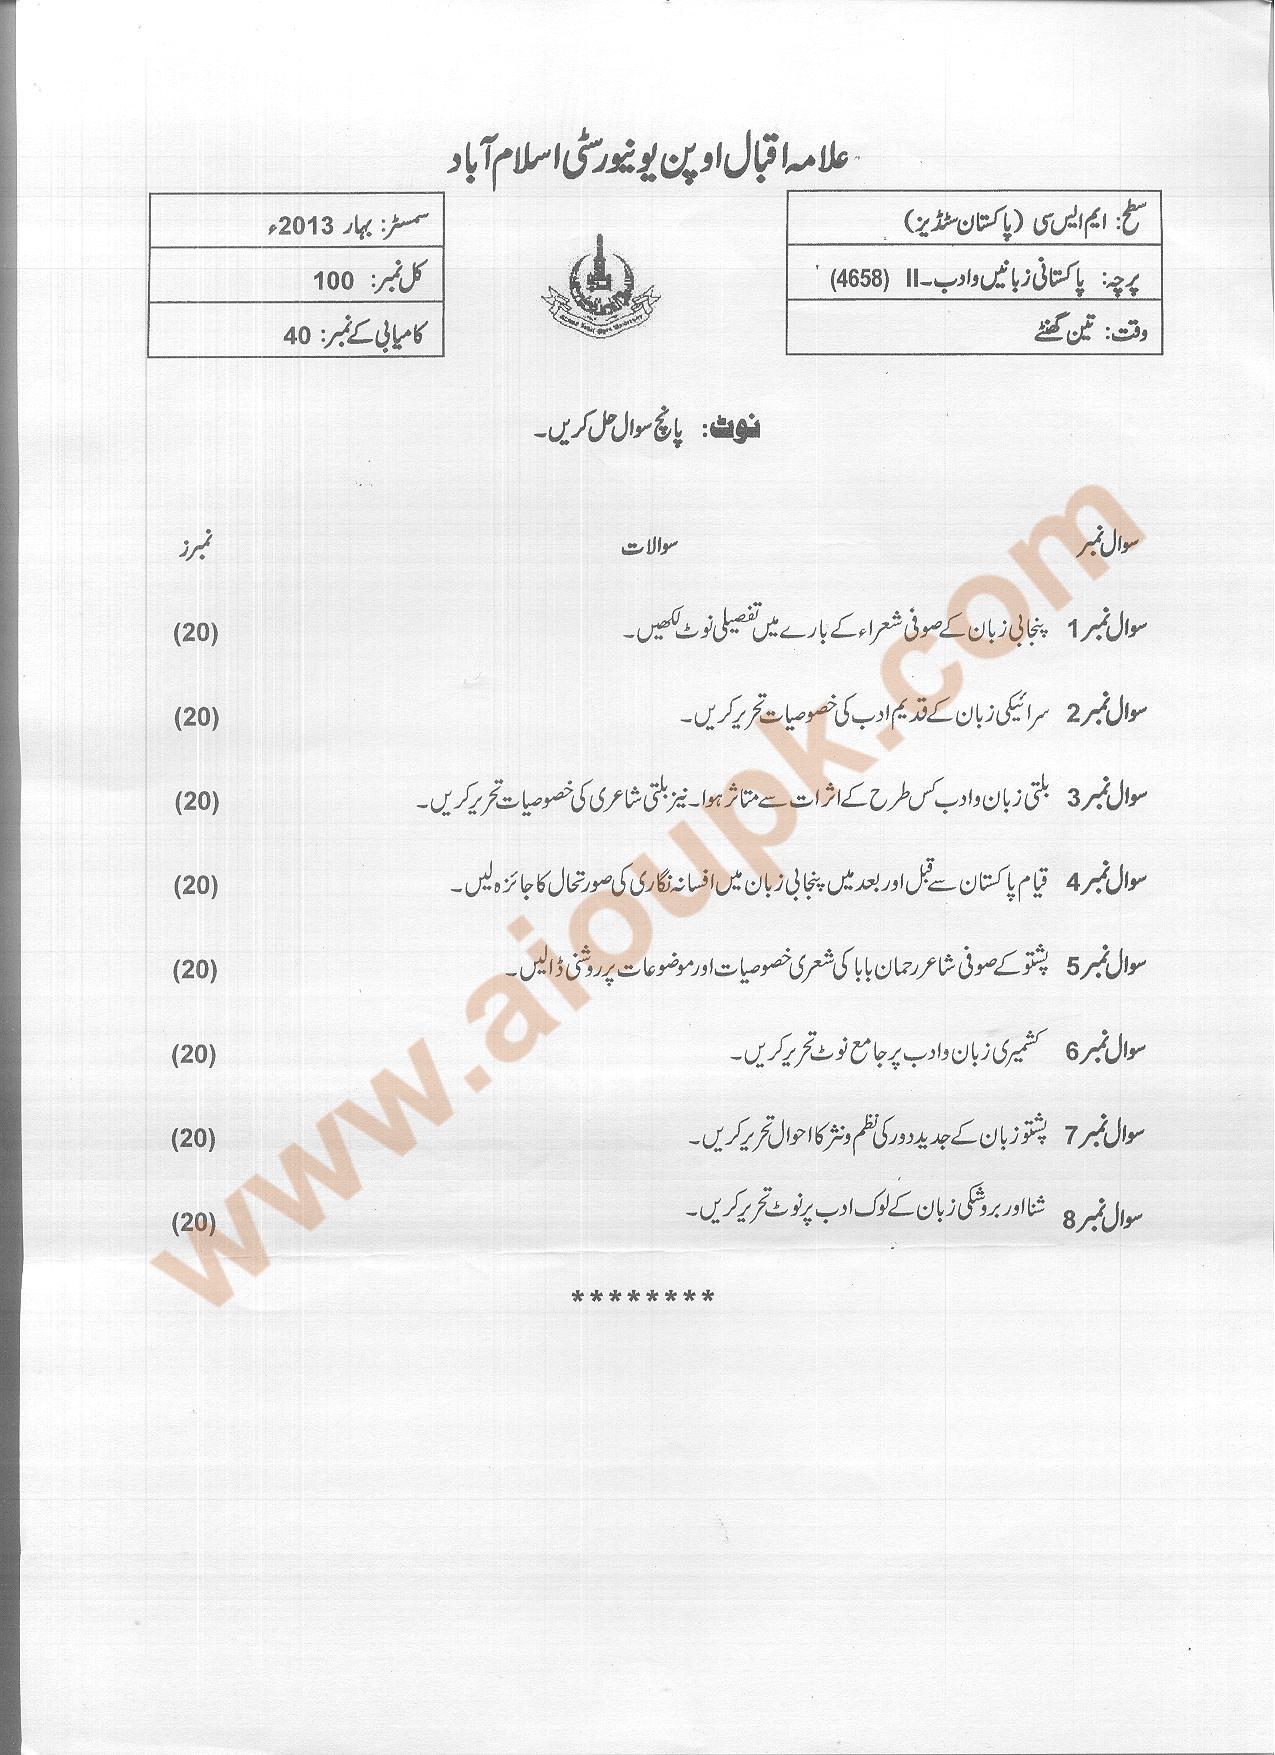 Pakistani Languages & Literature-II Code 4658 M.Sc